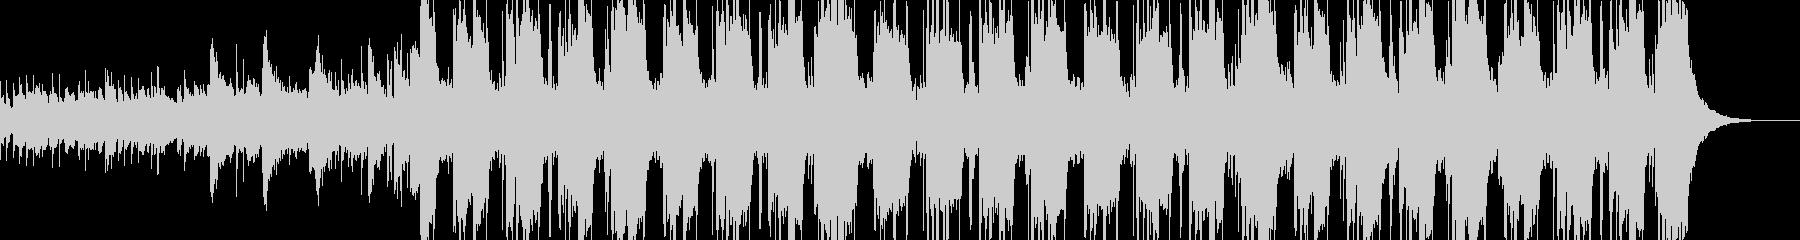 トラップ ヒップホップ ギャングラ...の未再生の波形